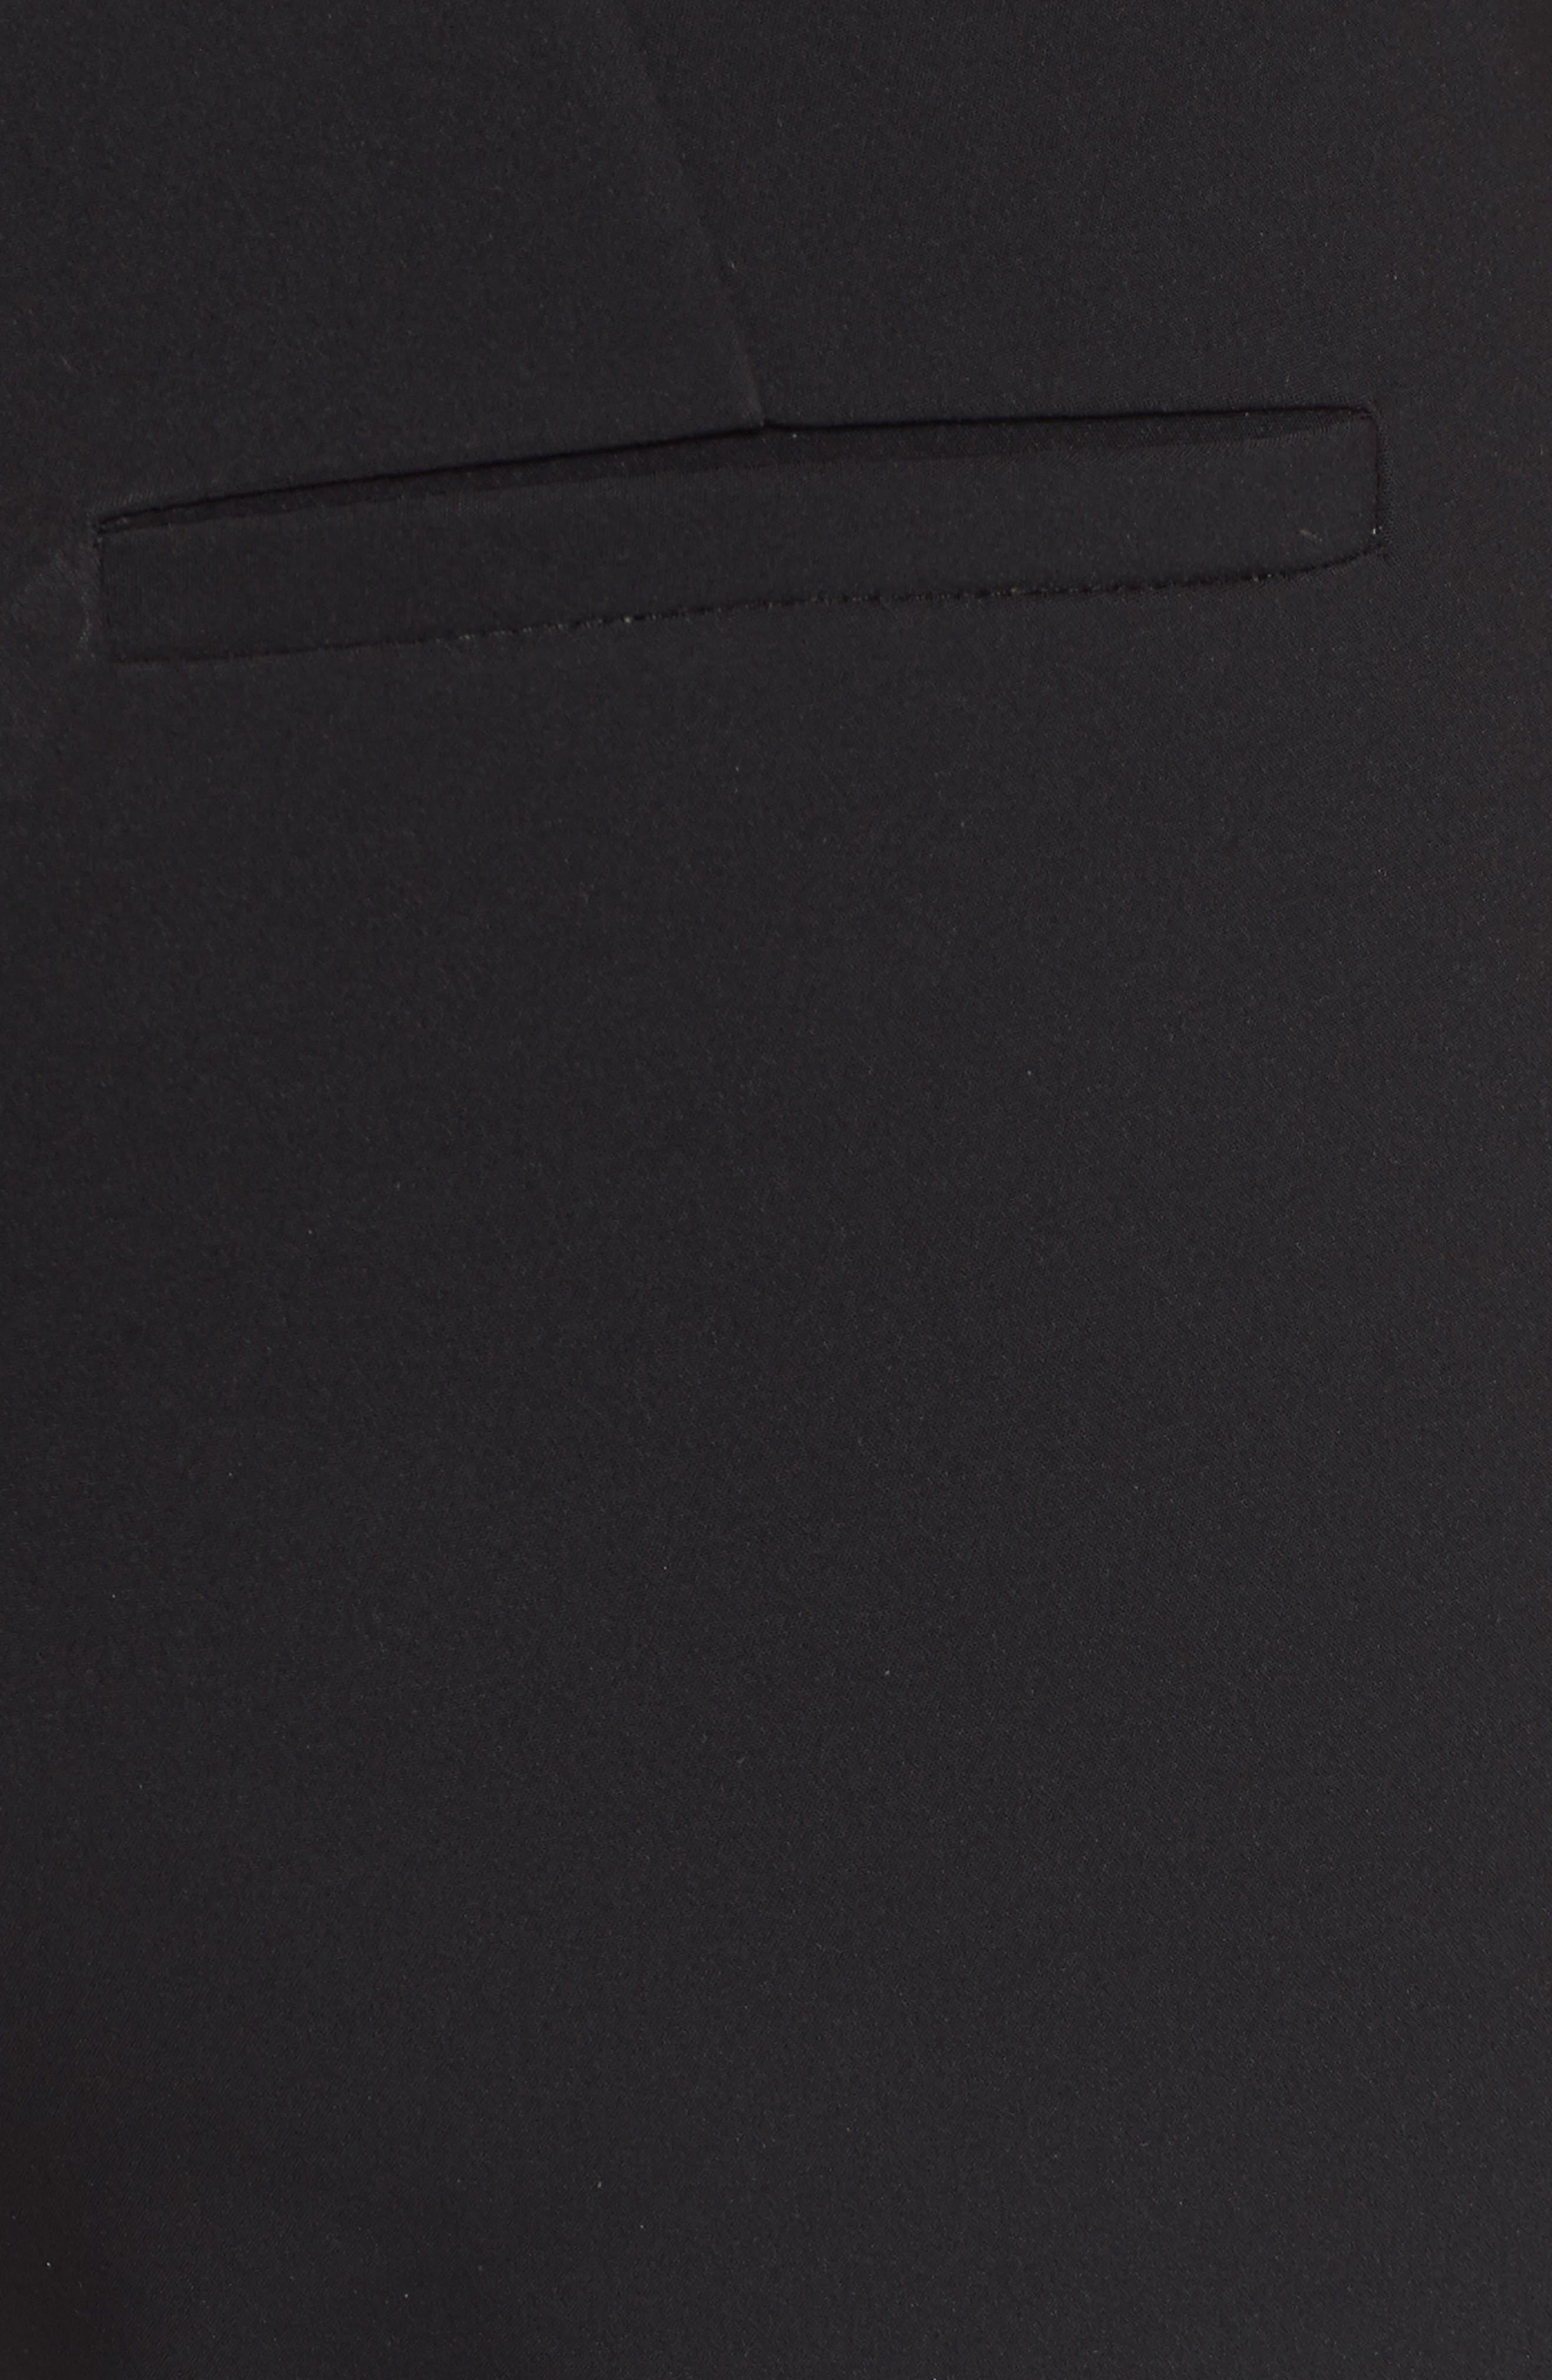 Crop Pants,                             Alternate thumbnail 5, color,                             BLACK